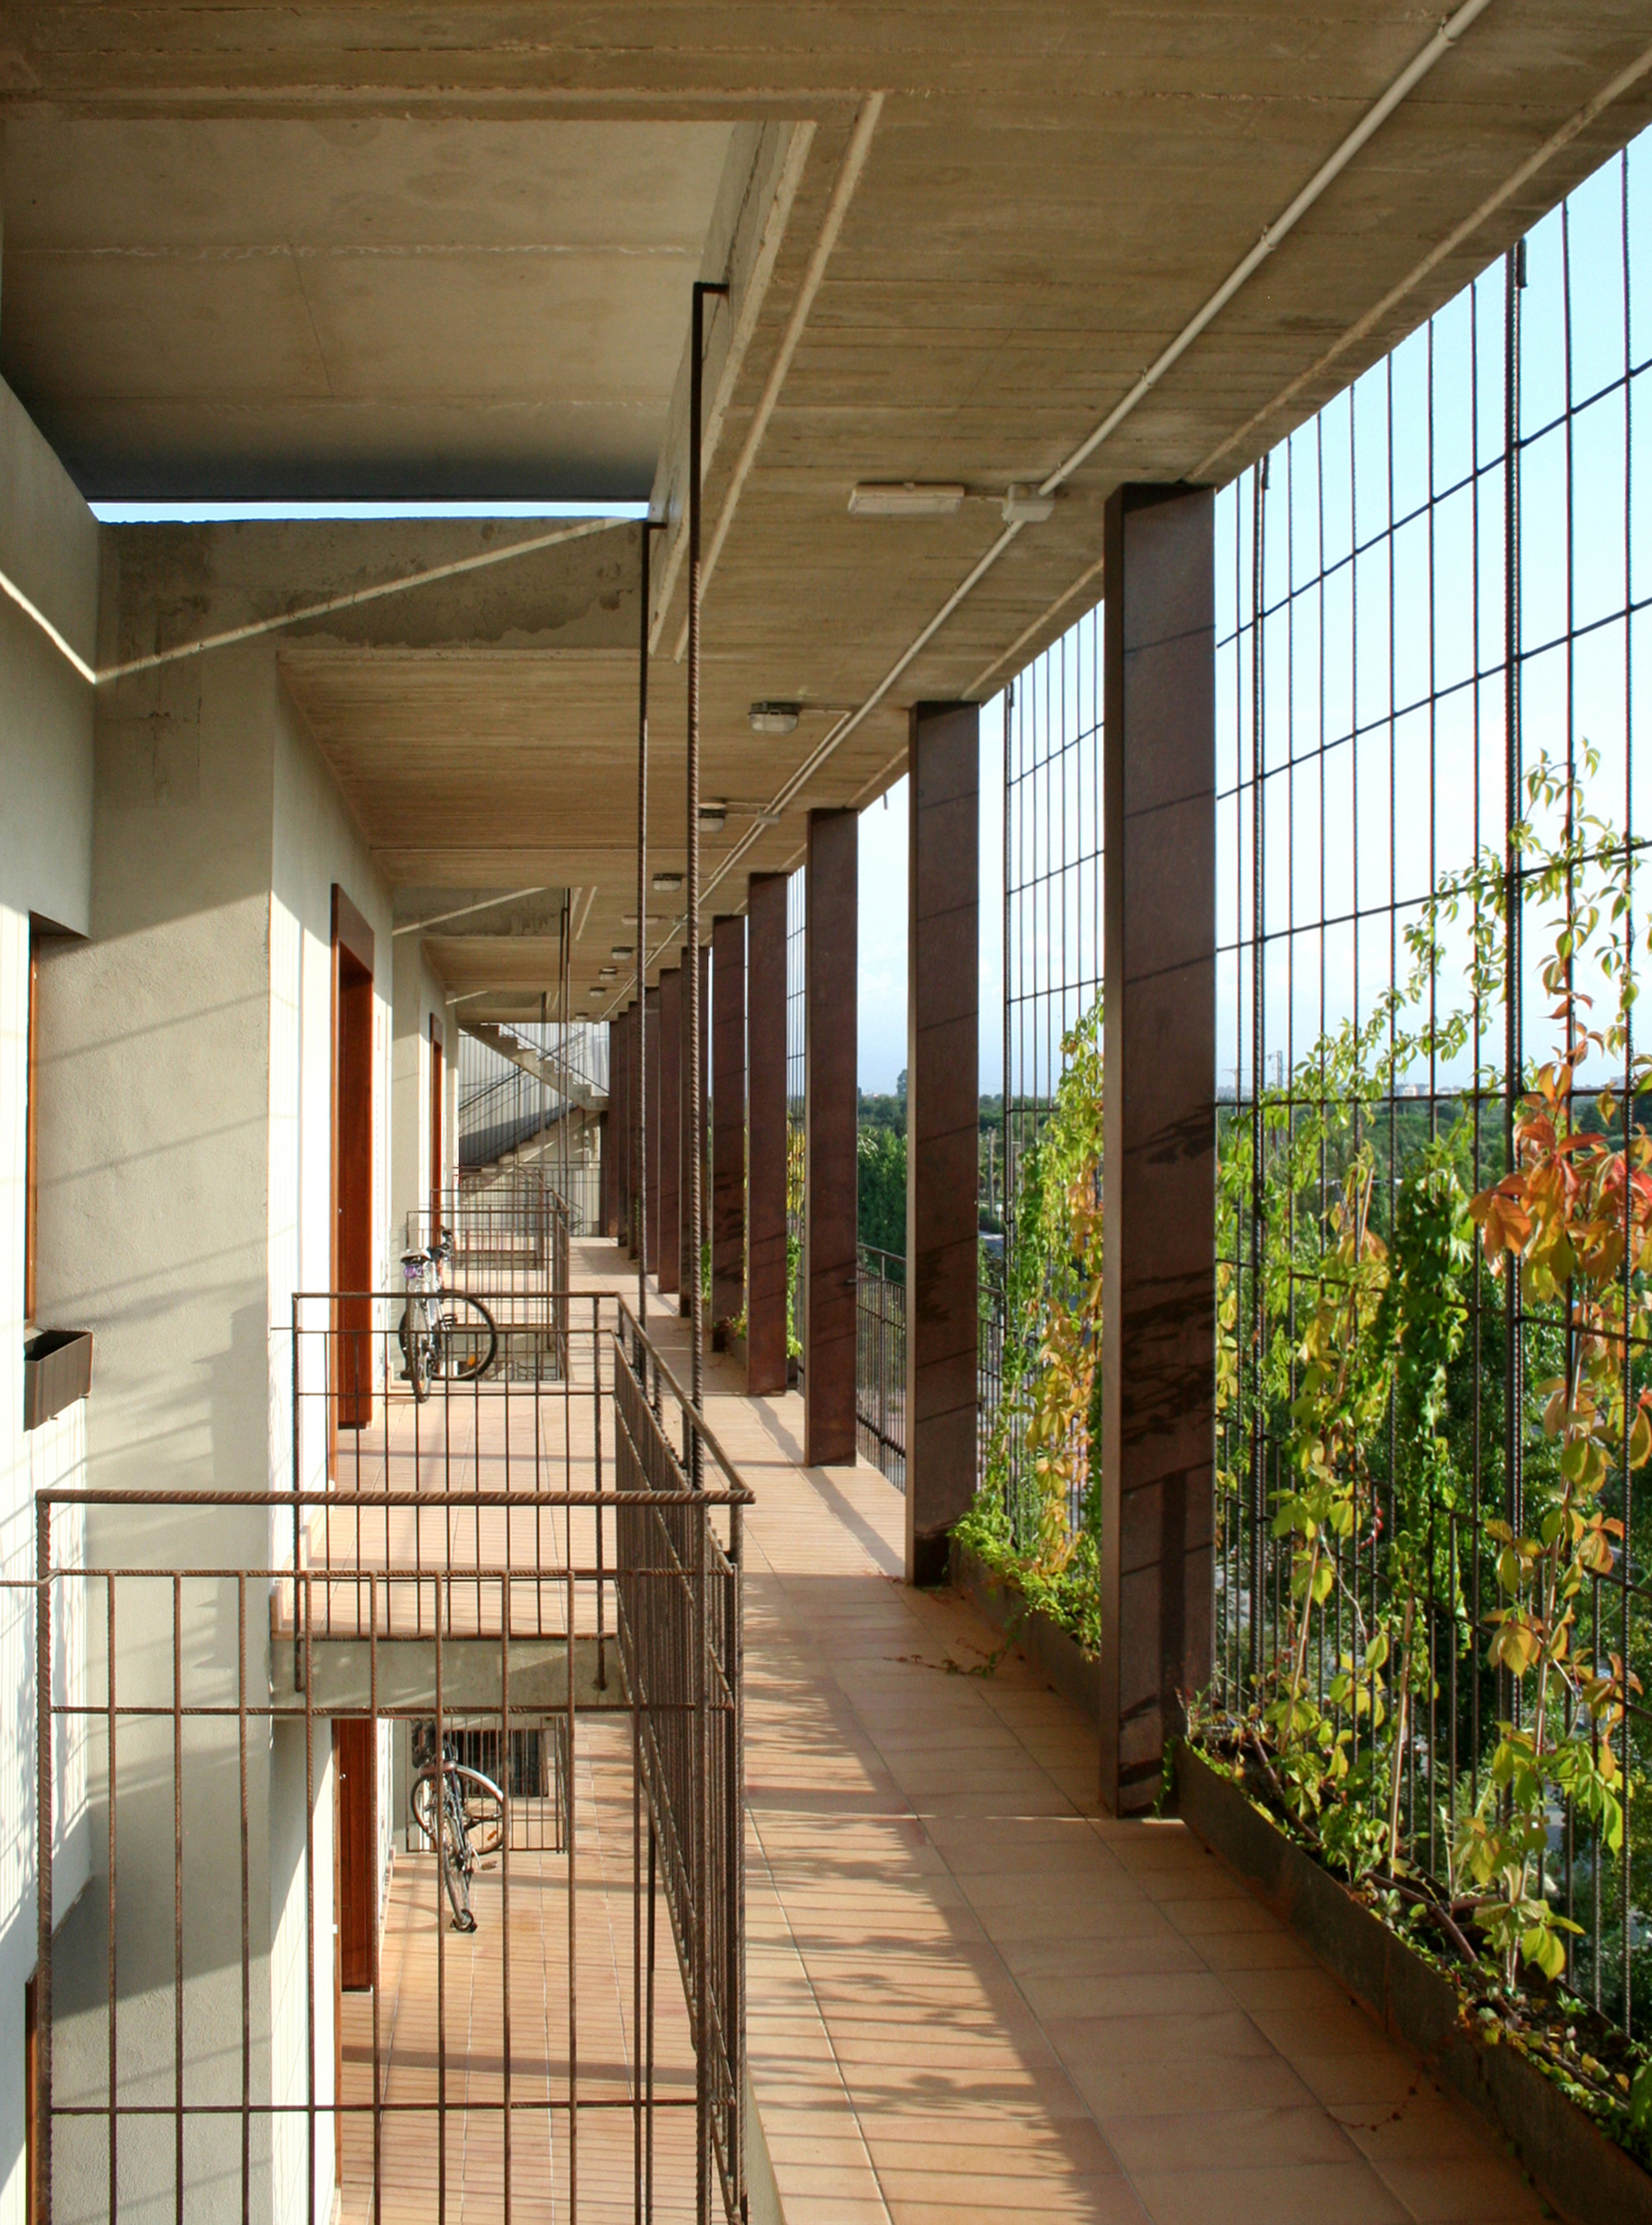 Gallery of 80 viviendas de protecci n oficial en salou toni giron s 13 - Casas proteccion oficial ...